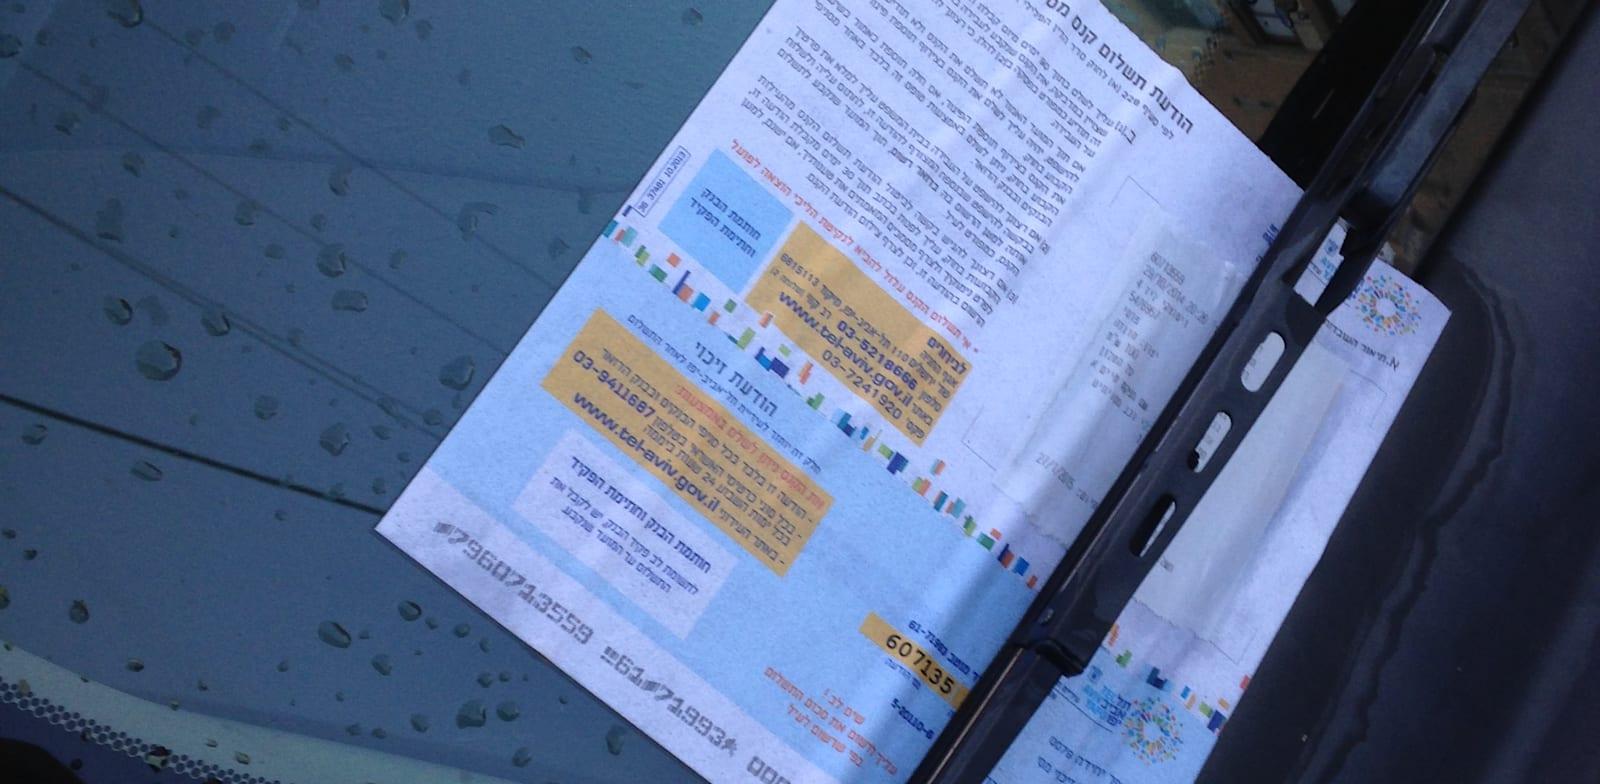 דוח על חניה לא חוקית / צילום: יוסי כהן